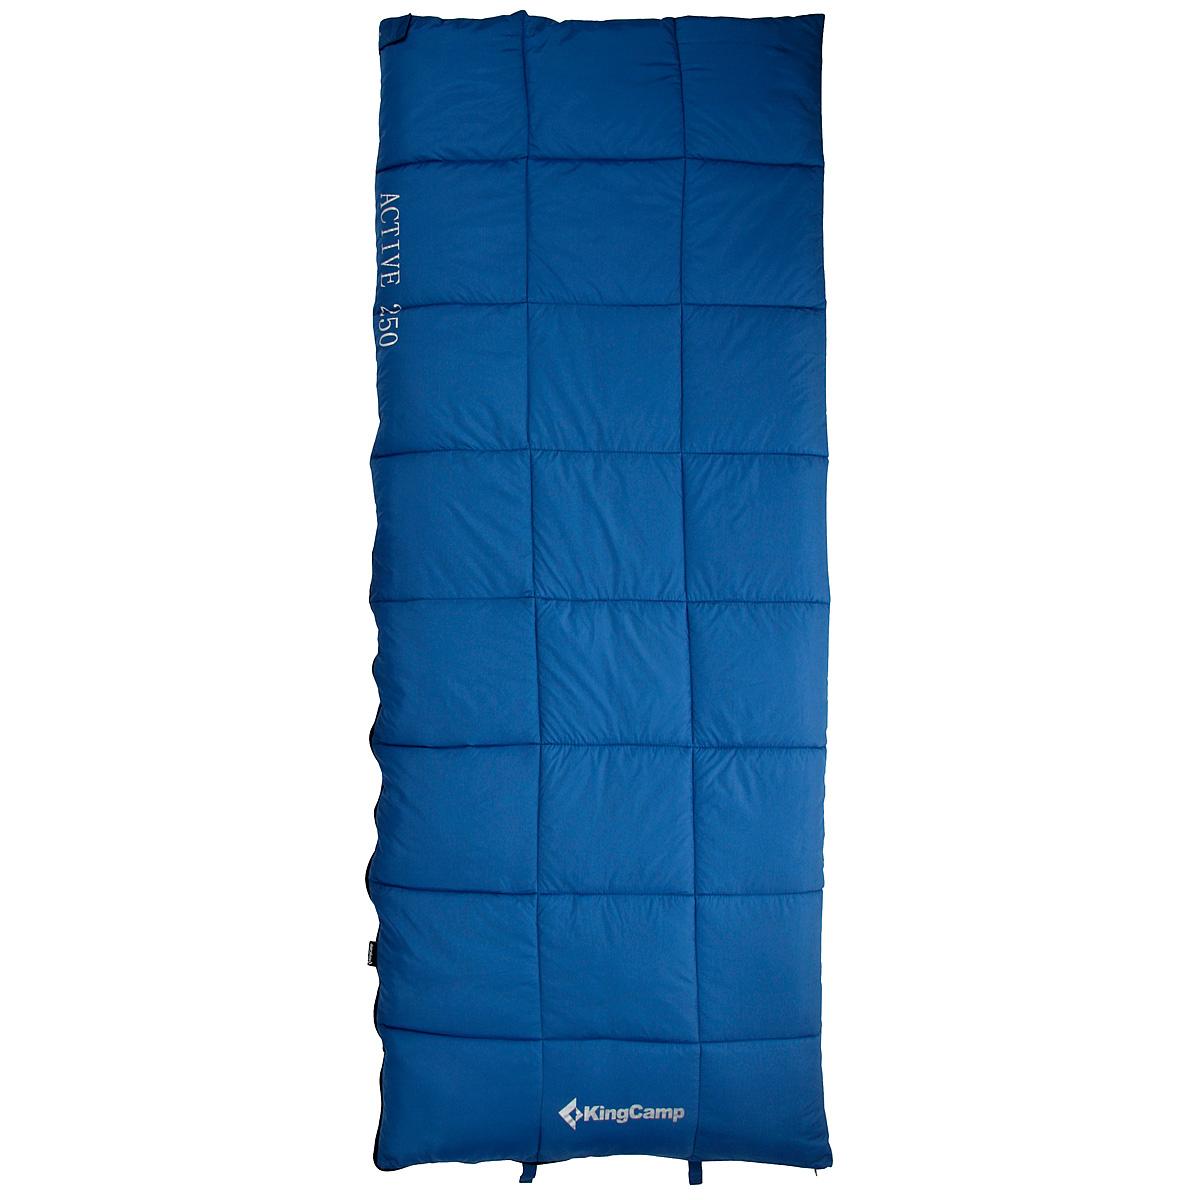 Спальный мешок-одеяло KingCamp ACTIVE 250, цвет: синий. ks310303/1/12Комфортный спальник-одеяло имеет прямоугольную форму и одинаковую ширину как вверху, так и внизу, благодаря чему ноги чувствуют себя более свободно. Молния располагается на боковой стороне, благодаря чему при её расстёгивании спальник превращается в довольно большое одеяло. Характеристики:Размер спального мешка с учетом подголовника: 190 см х 75 см. Утеплитель: четырехканальное волокно Hollowfibre, 250 г/м2. Внешний материал: полиэстер 210Т RipStop W/P. Внутренний материал: 100% хлопок. Экстремальная температура: -5°C. Температура комфорта: 6°C...12°С. Вес: 1,45 кг. Изготовитель:Китай. Размер в сложенном виде: 35 см х 22 см х 22 см. Артикул:KS3103.